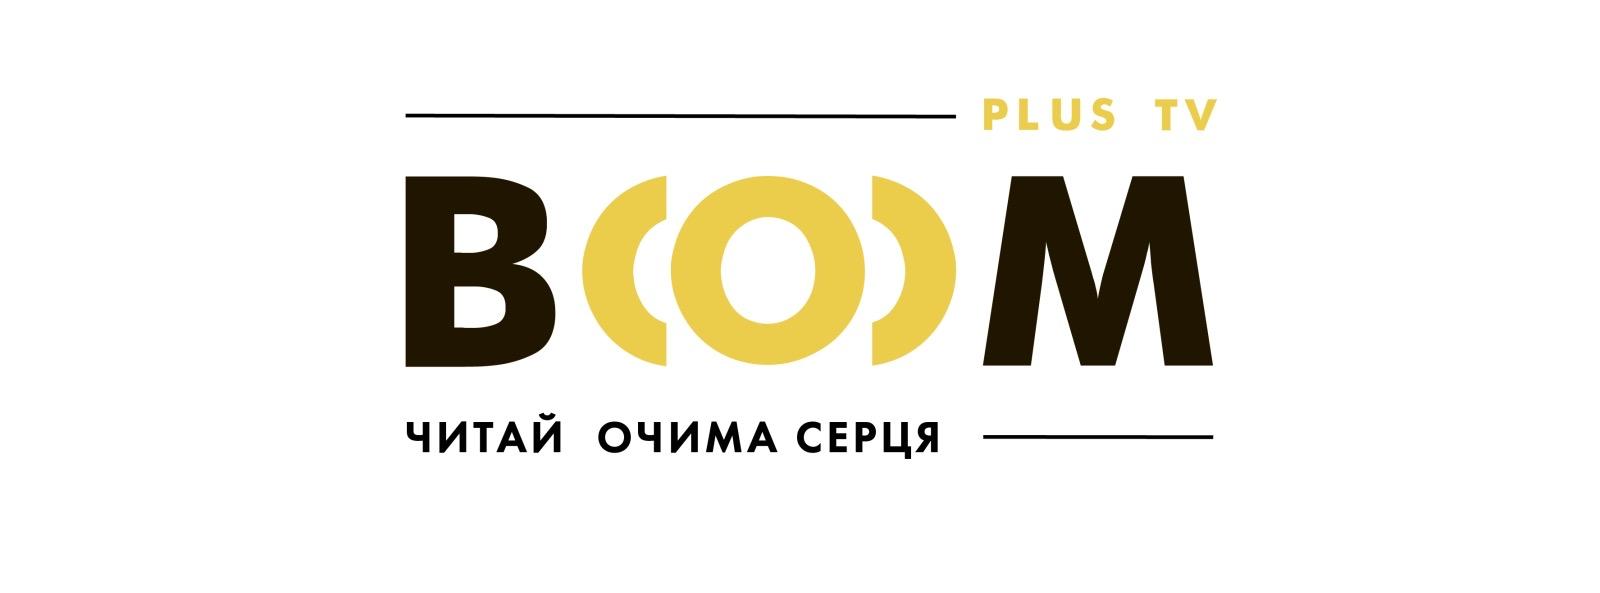 Boomplus logo